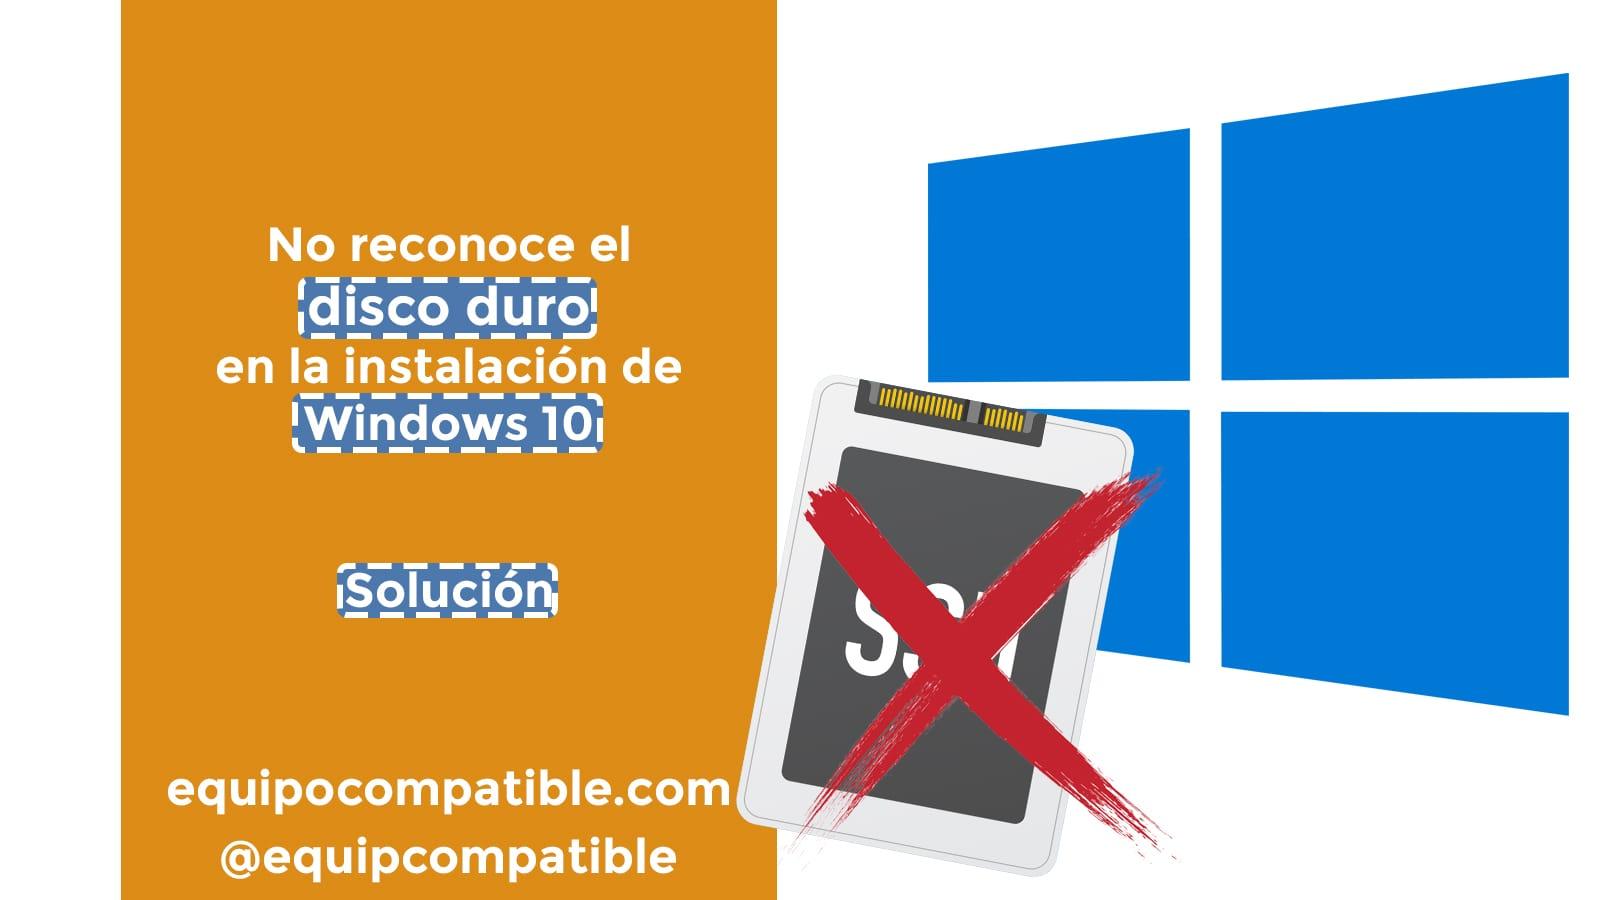 No reconoce el disco duro al instalar Windows 10